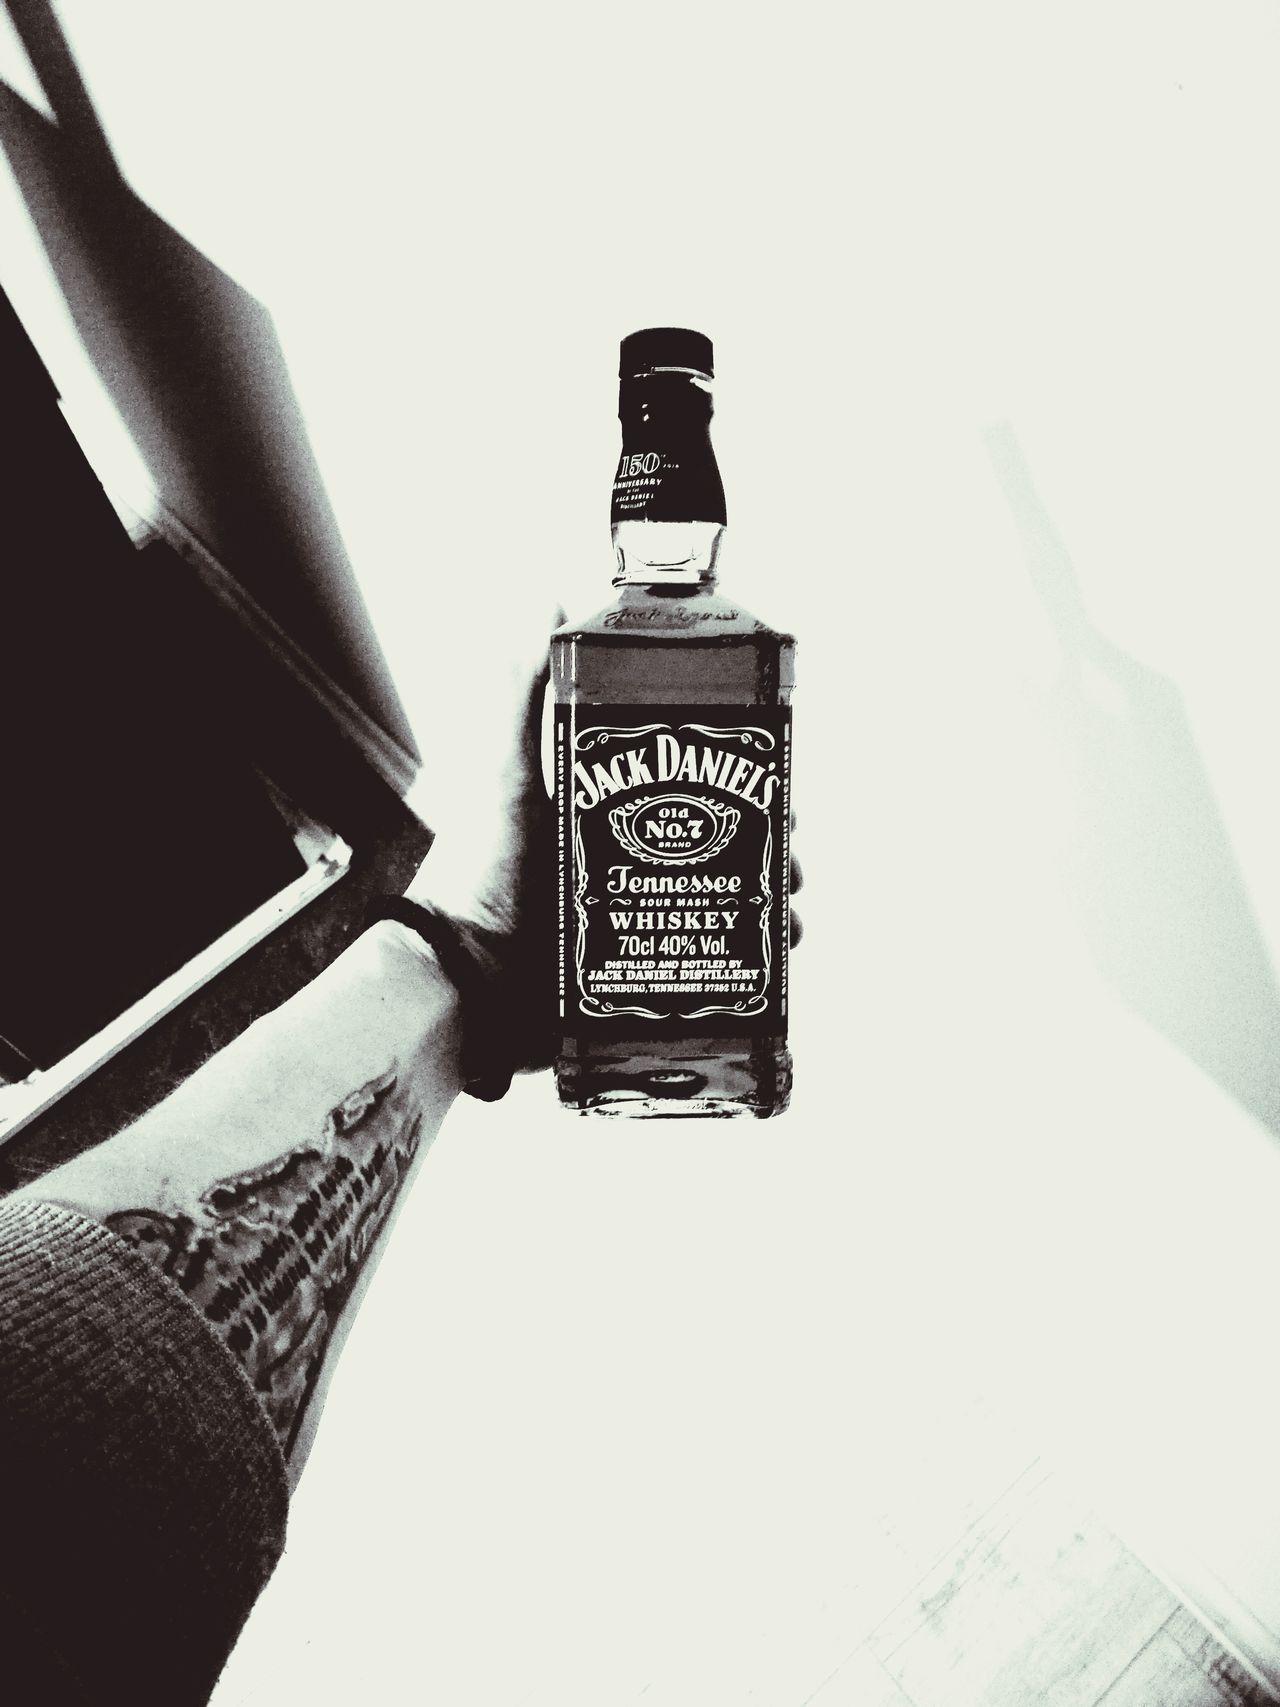 Jacky jack Wisky Wiskey Alk Alkoholic Drinks Alkoholizm Alkohol Alkolizm Wiskey Bottle Wisk Close-up Wiski Wiskhy Wisky😂 Wiskyyy Jack Daniels♥ Jack Daniels Whiskey